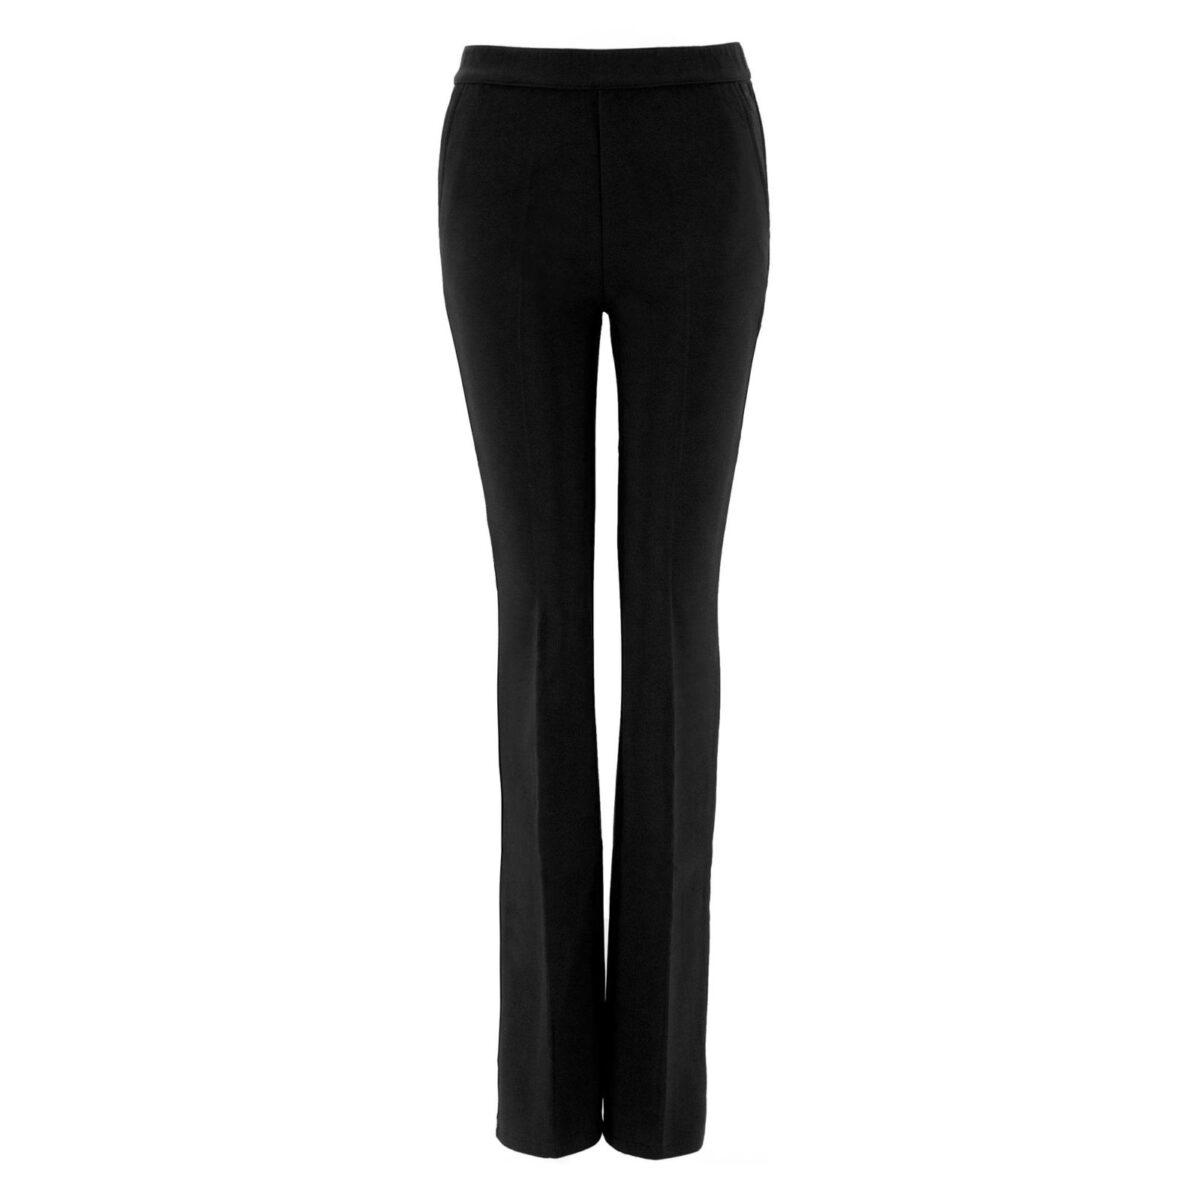 Pantalone Bootcut NERO - vista frontale | Nicla